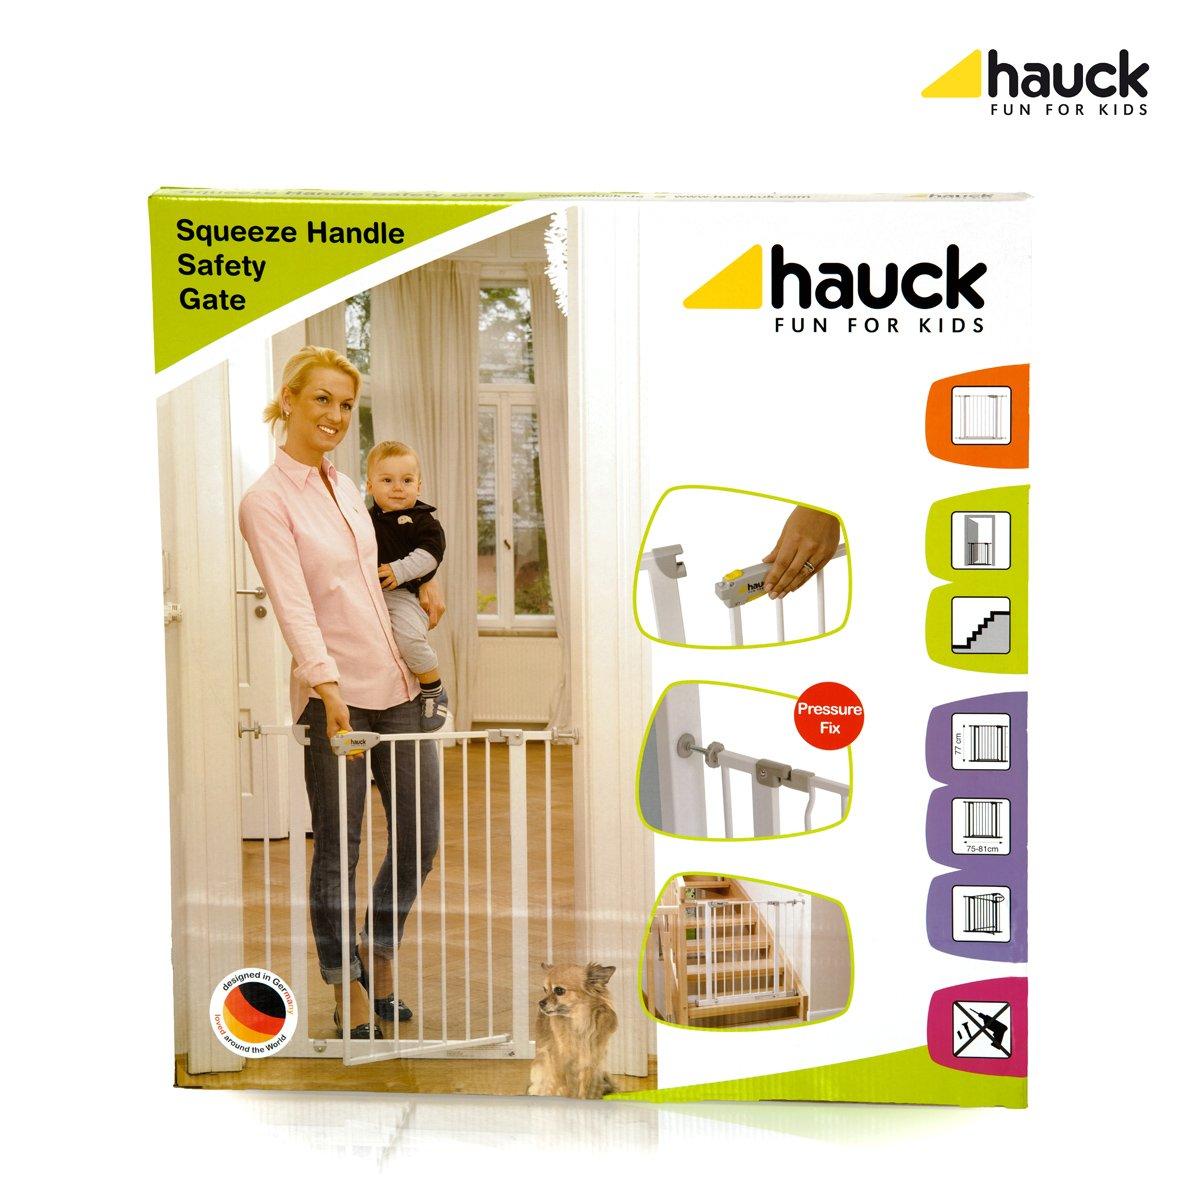 Amazon.com: Squeeze Mango Seguridad Puerta: Baby